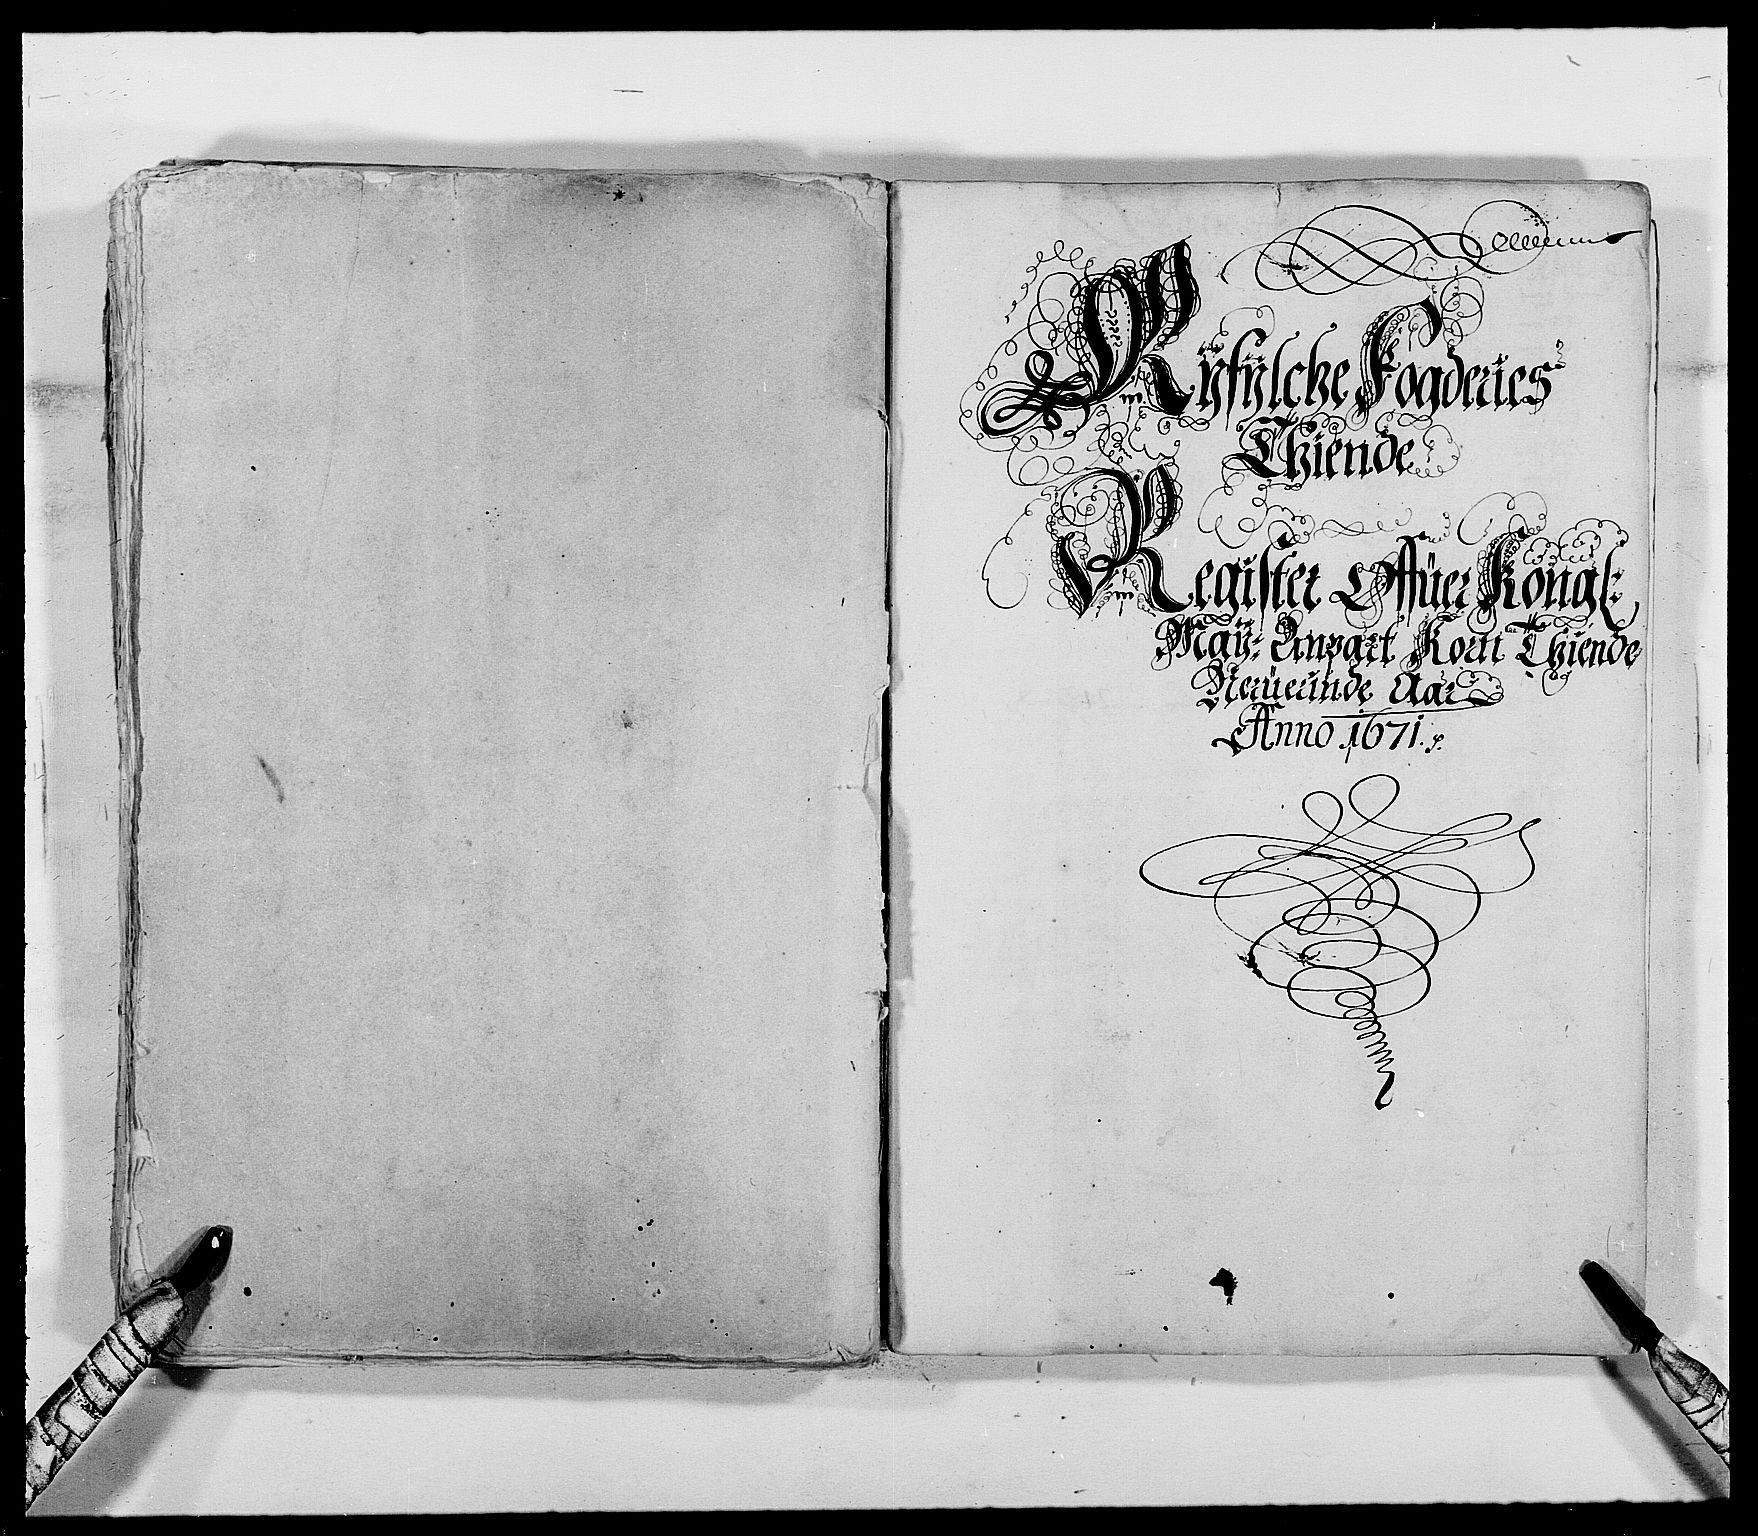 RA, Rentekammeret inntil 1814, Reviderte regnskaper, Fogderegnskap, R47/L2843: Fogderegnskap Ryfylke, 1670-1671, s. 308